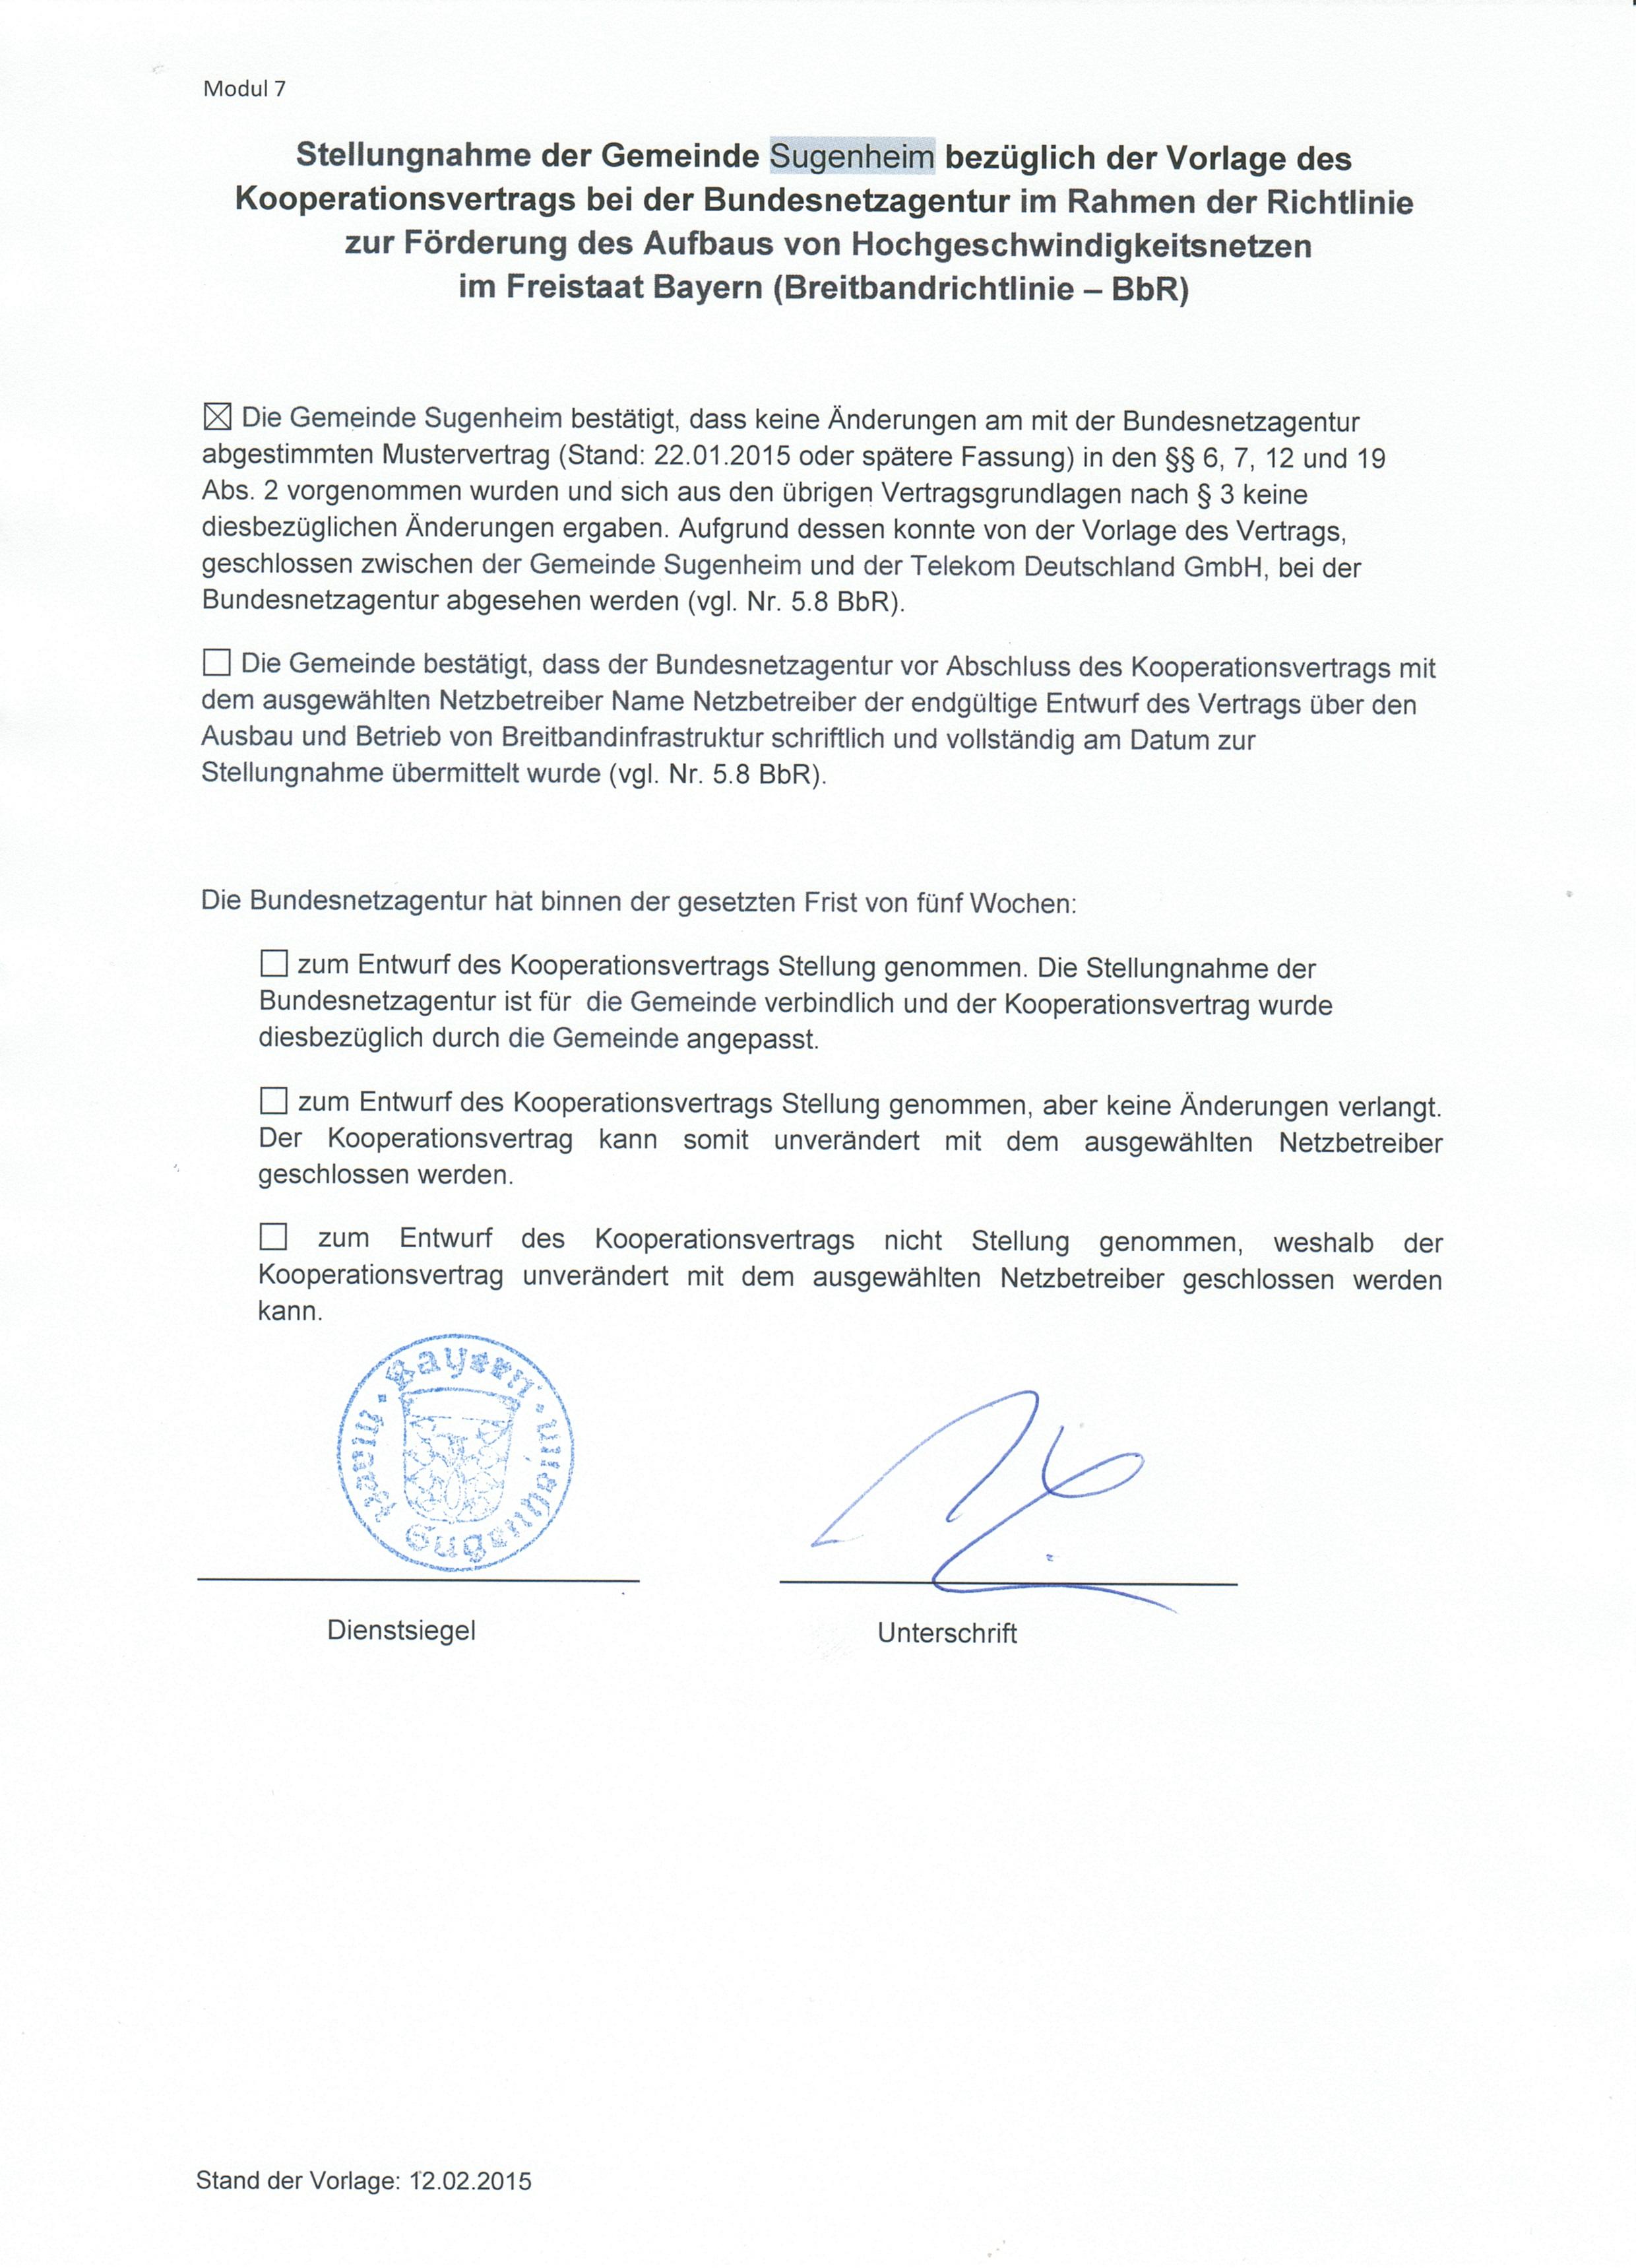 Ziemlich Kooperationsvereinbarung Vorlage Zeitgenössisch - Beispiel ...